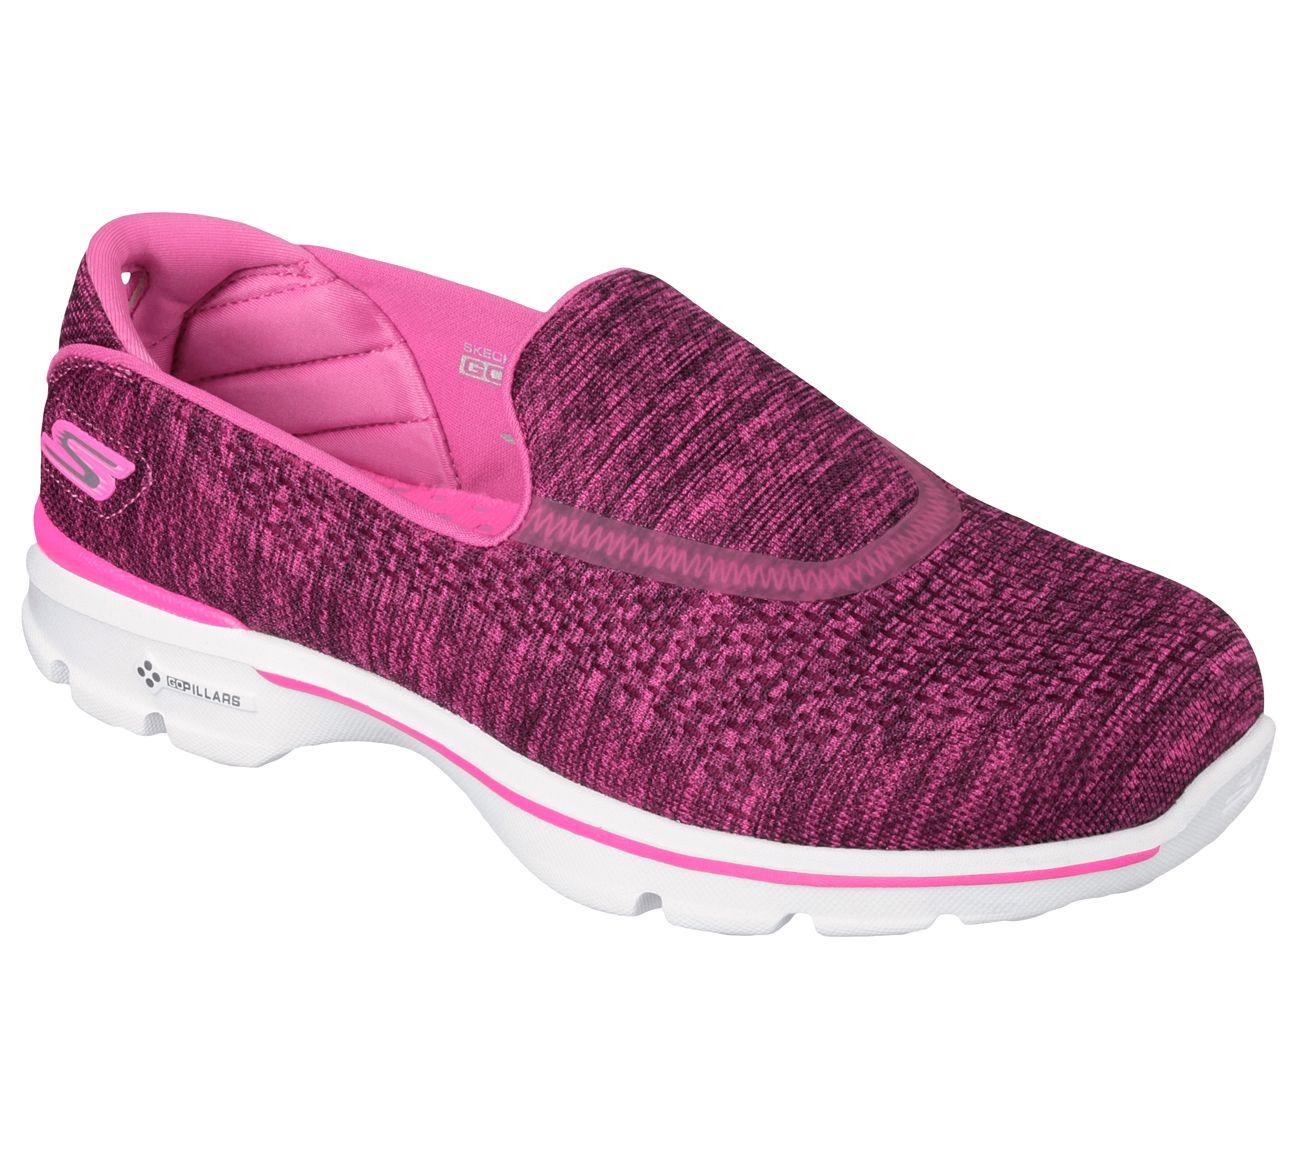 Gowalk 3 Renew Loafer Shoes Women